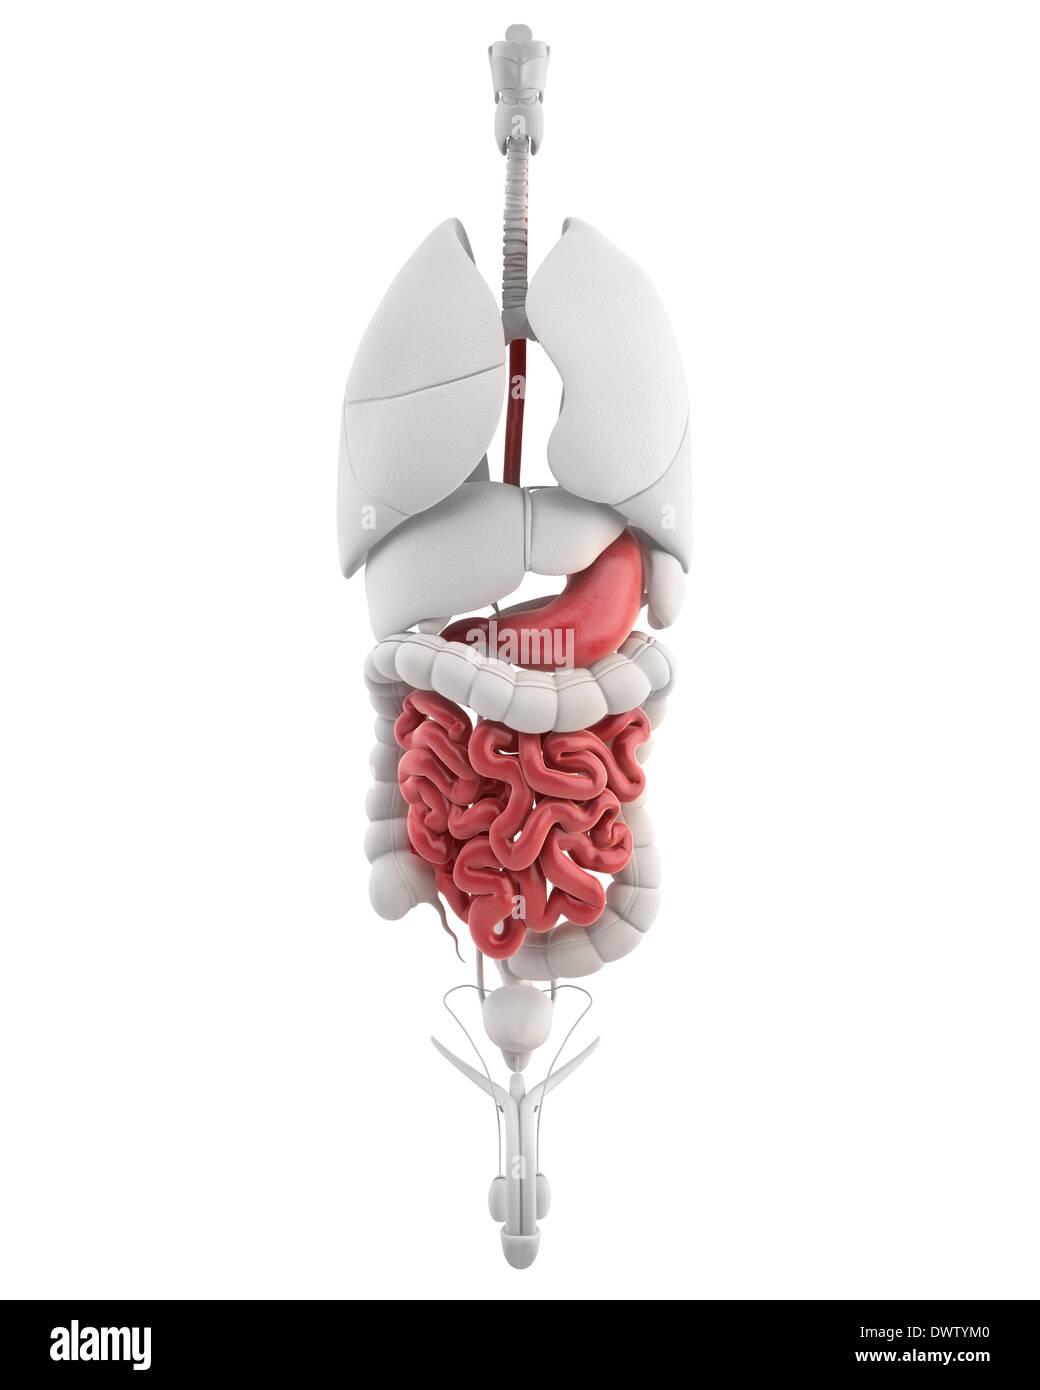 Erfreut Verdauungssystem Zubehör Organe Zeitgenössisch - Physiologie ...